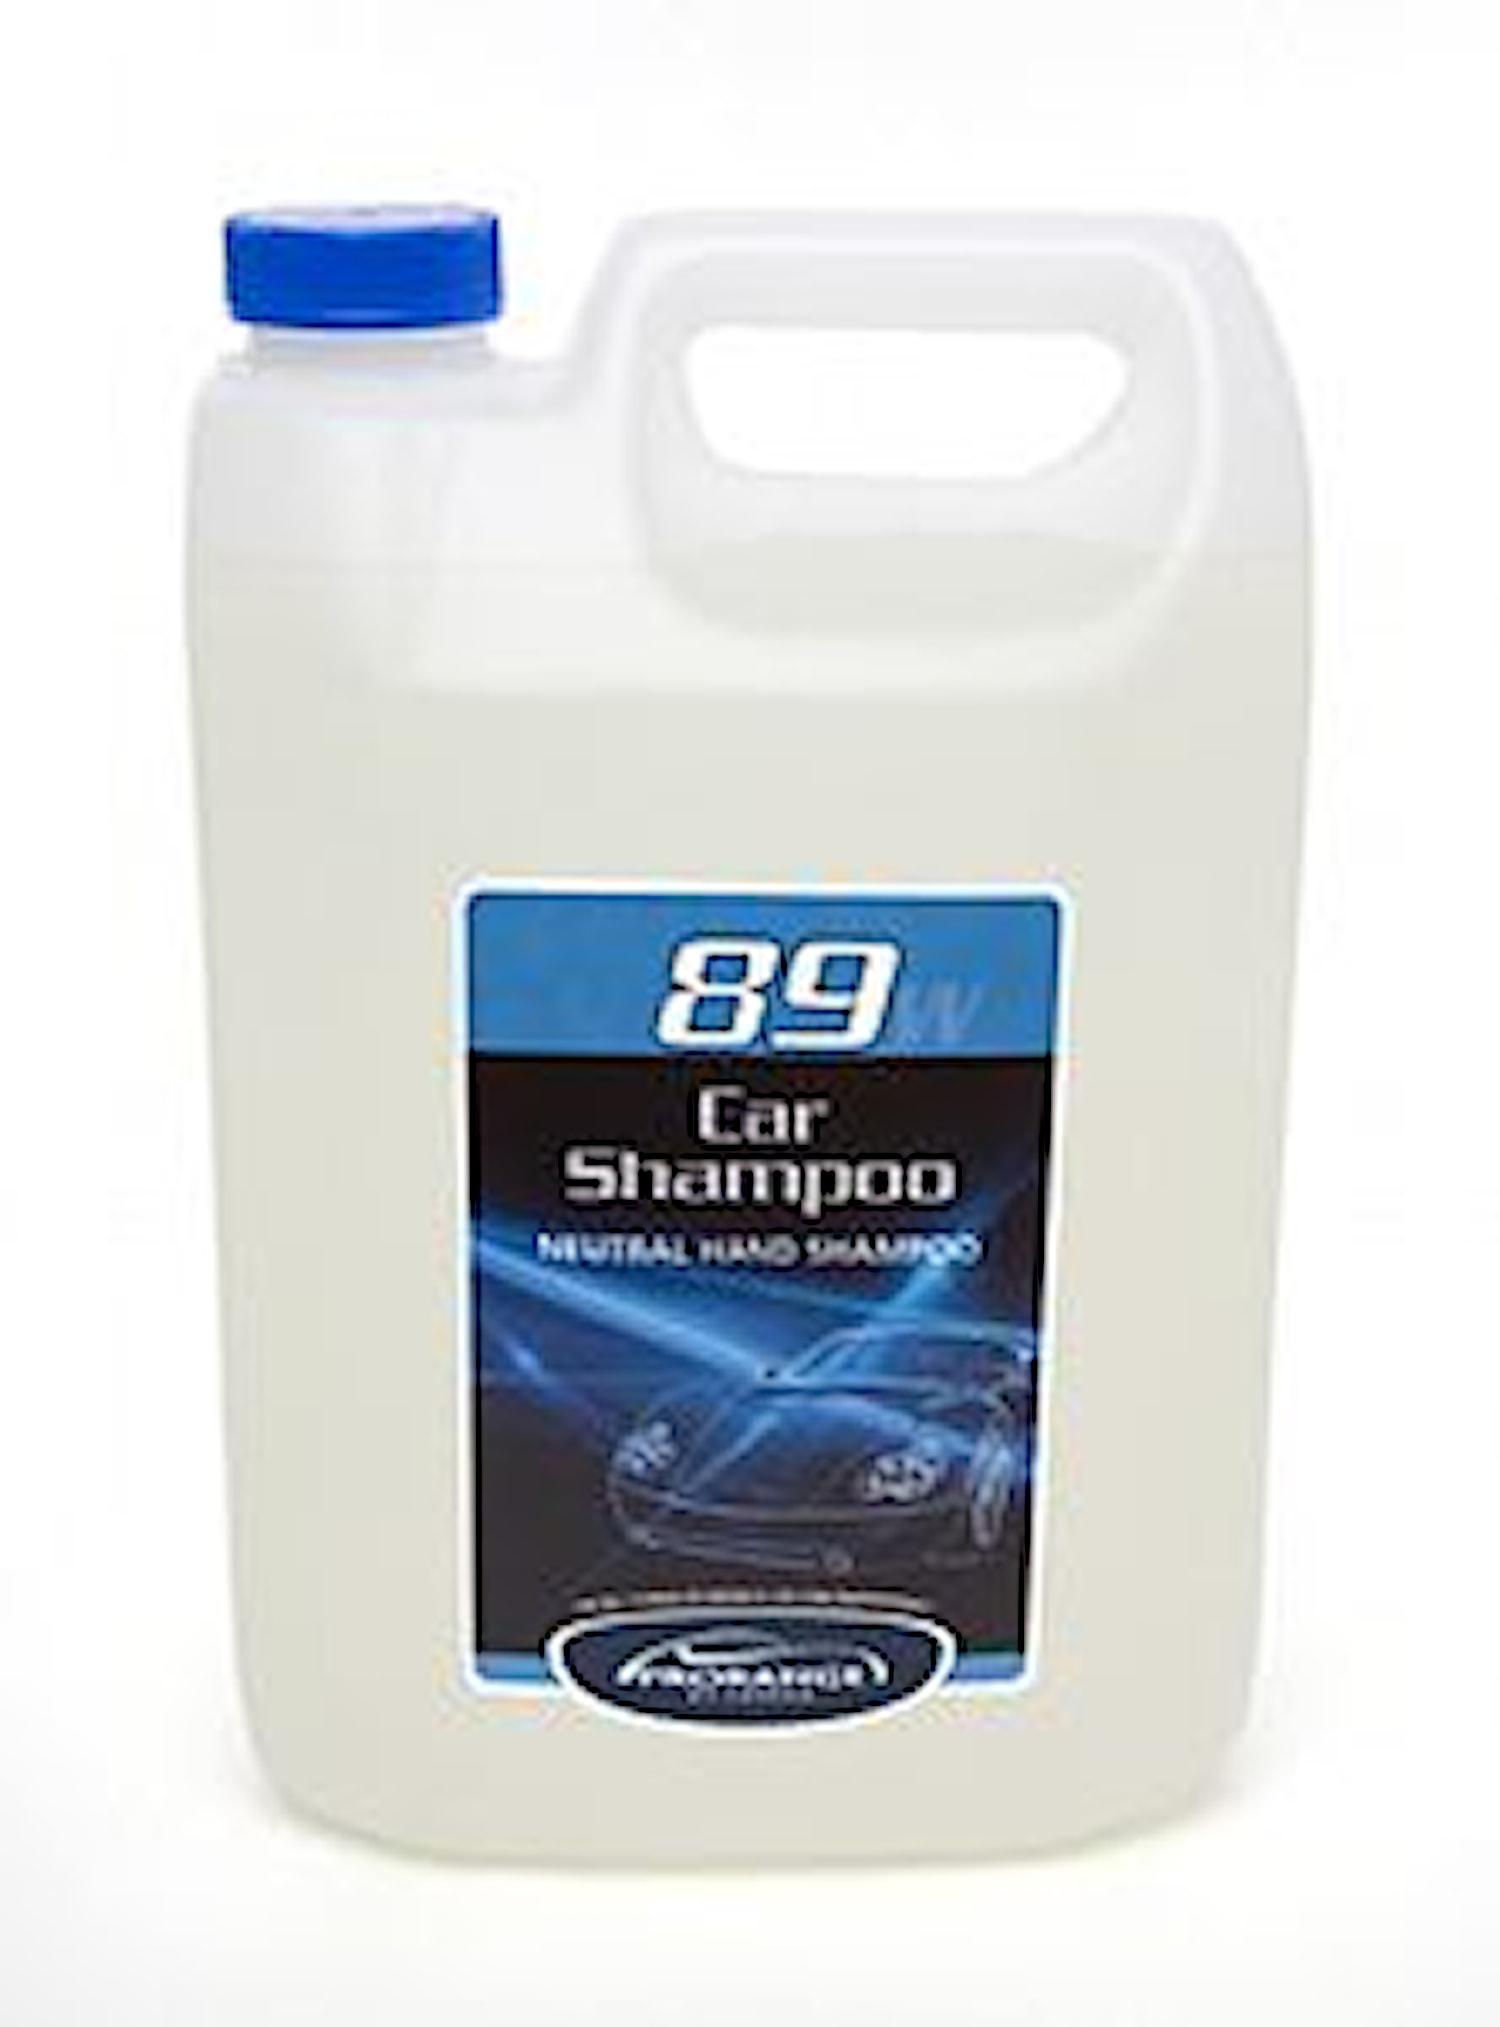 Car Shampoo 89w 5L